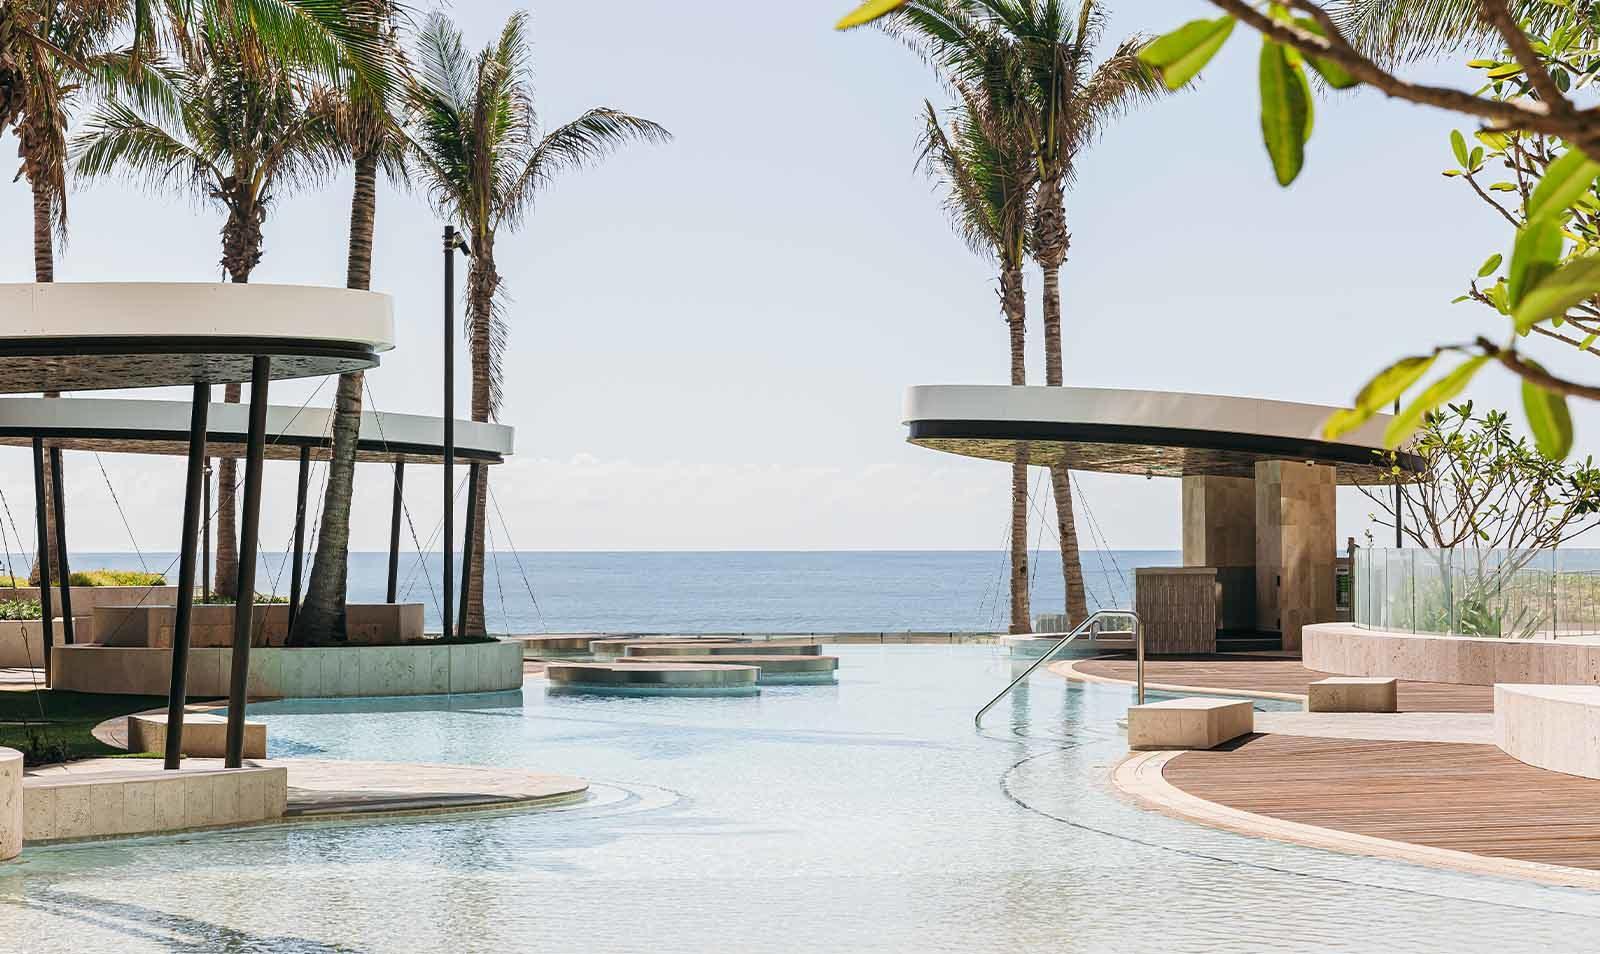 Jewel - View of pool and ocean behind